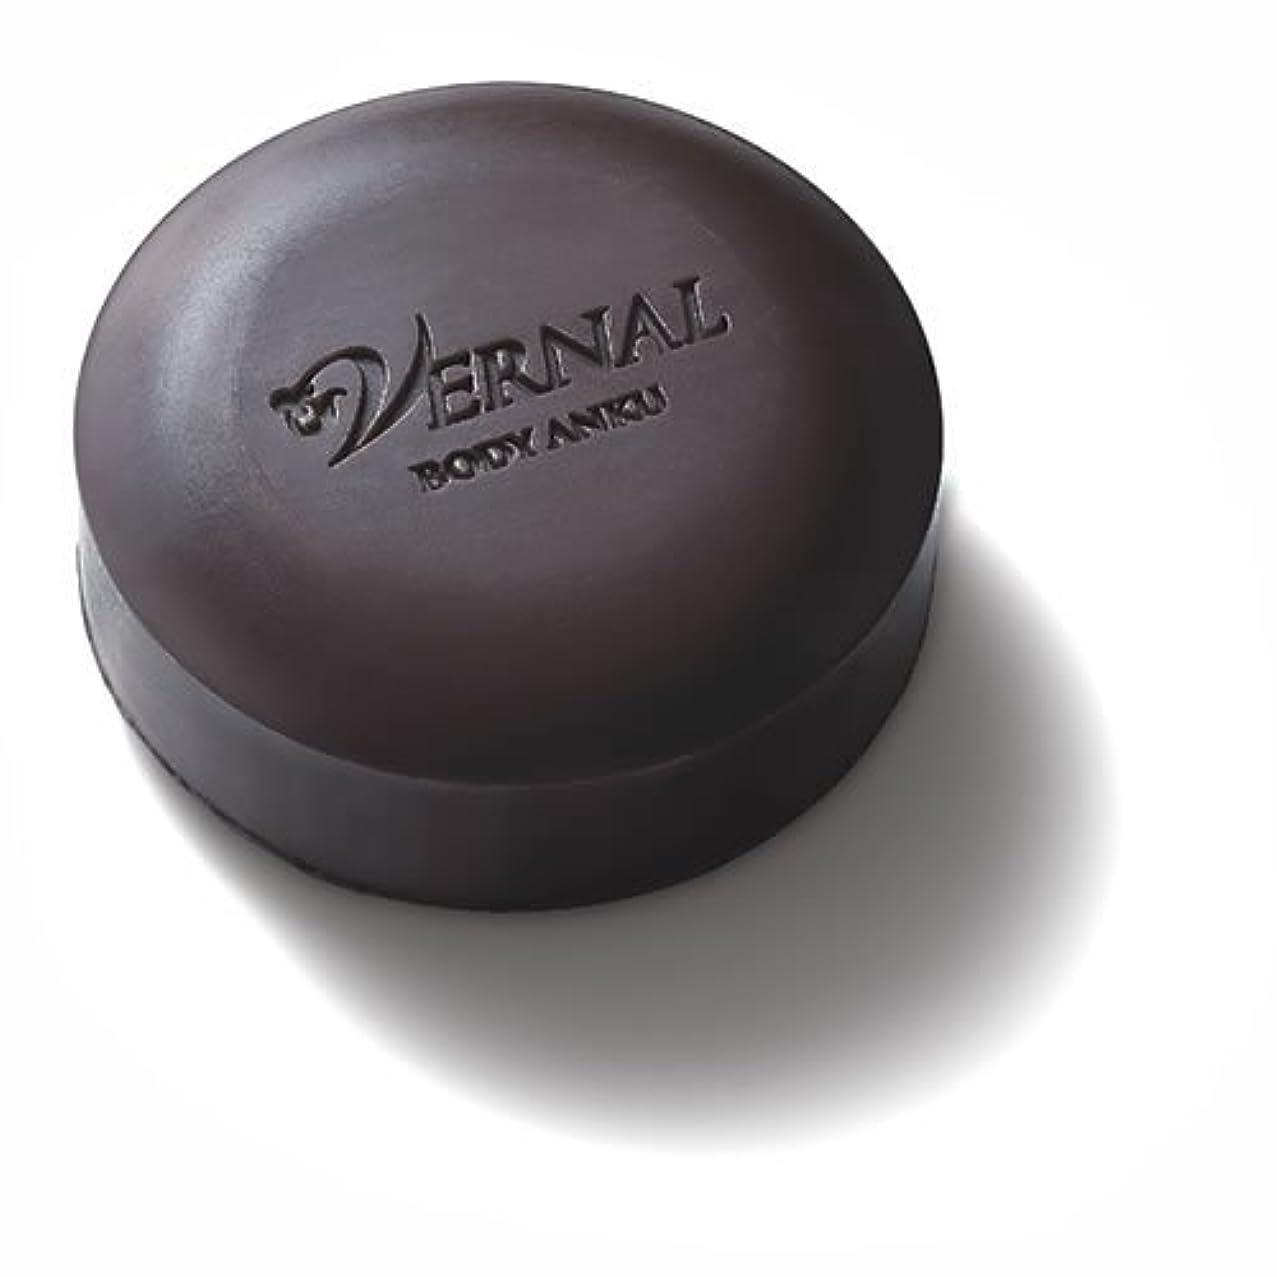 ボディアンク/ヴァーナル ボディ用 石鹸 デオドラント